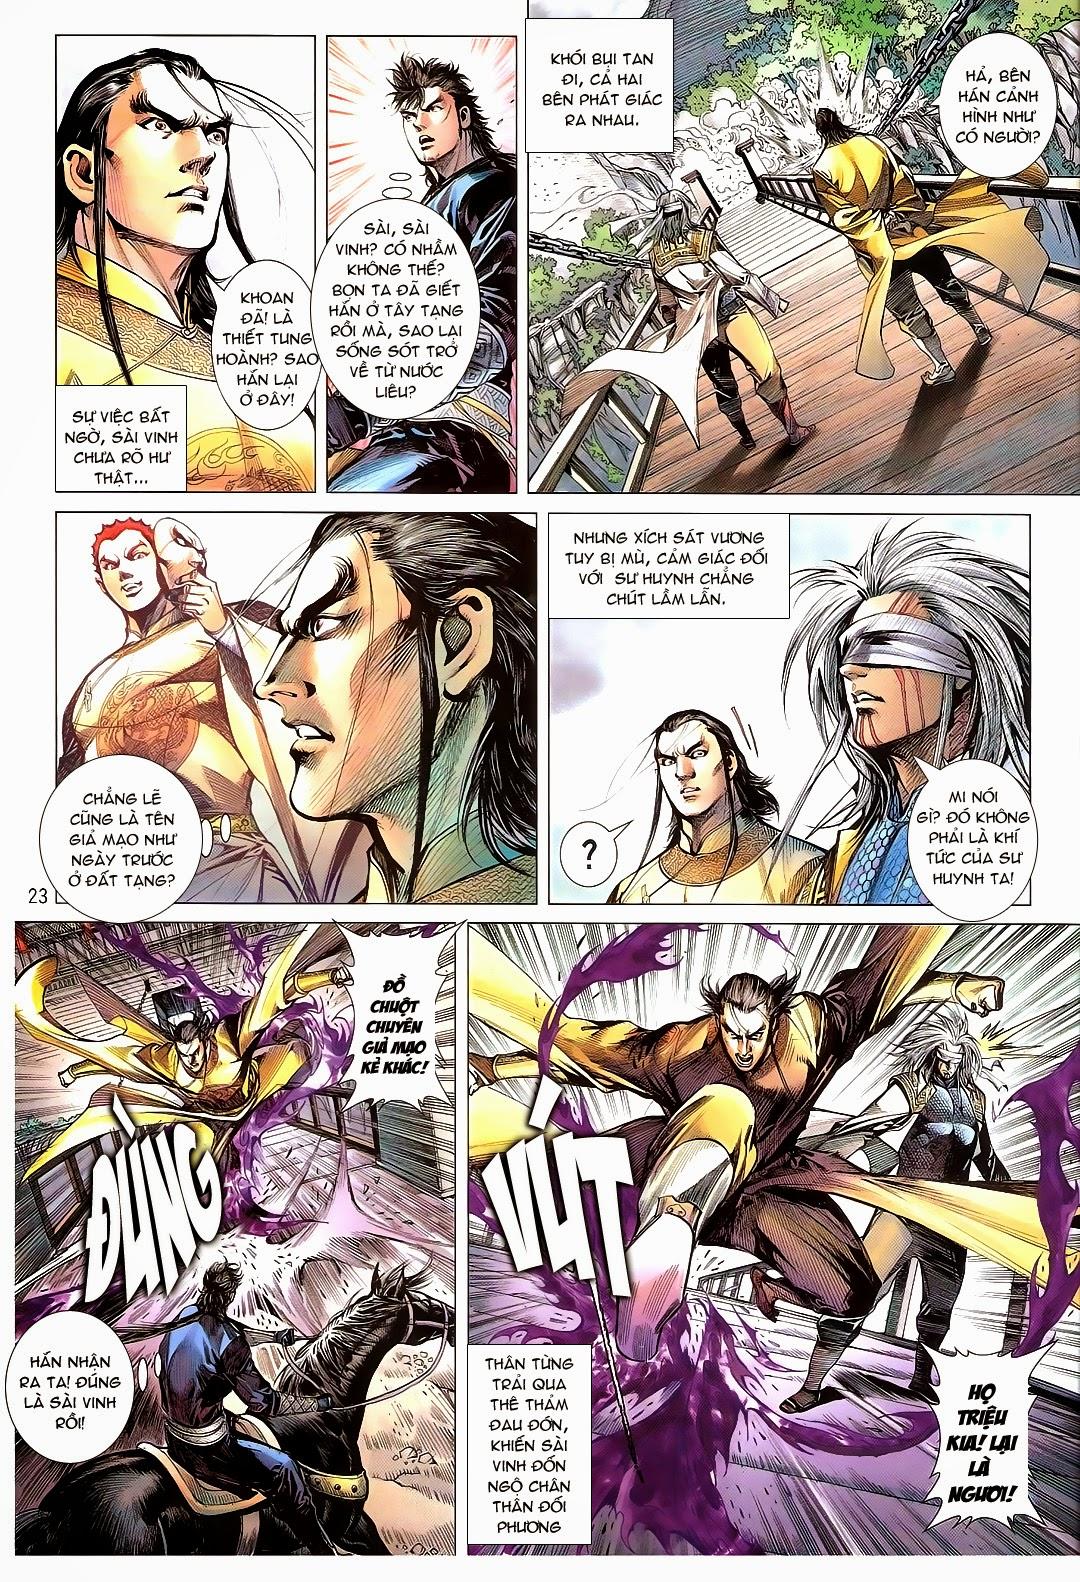 tuoithodudoi.com Thiết Tướng Tung Hoành Chapter 110 - 23.jpg